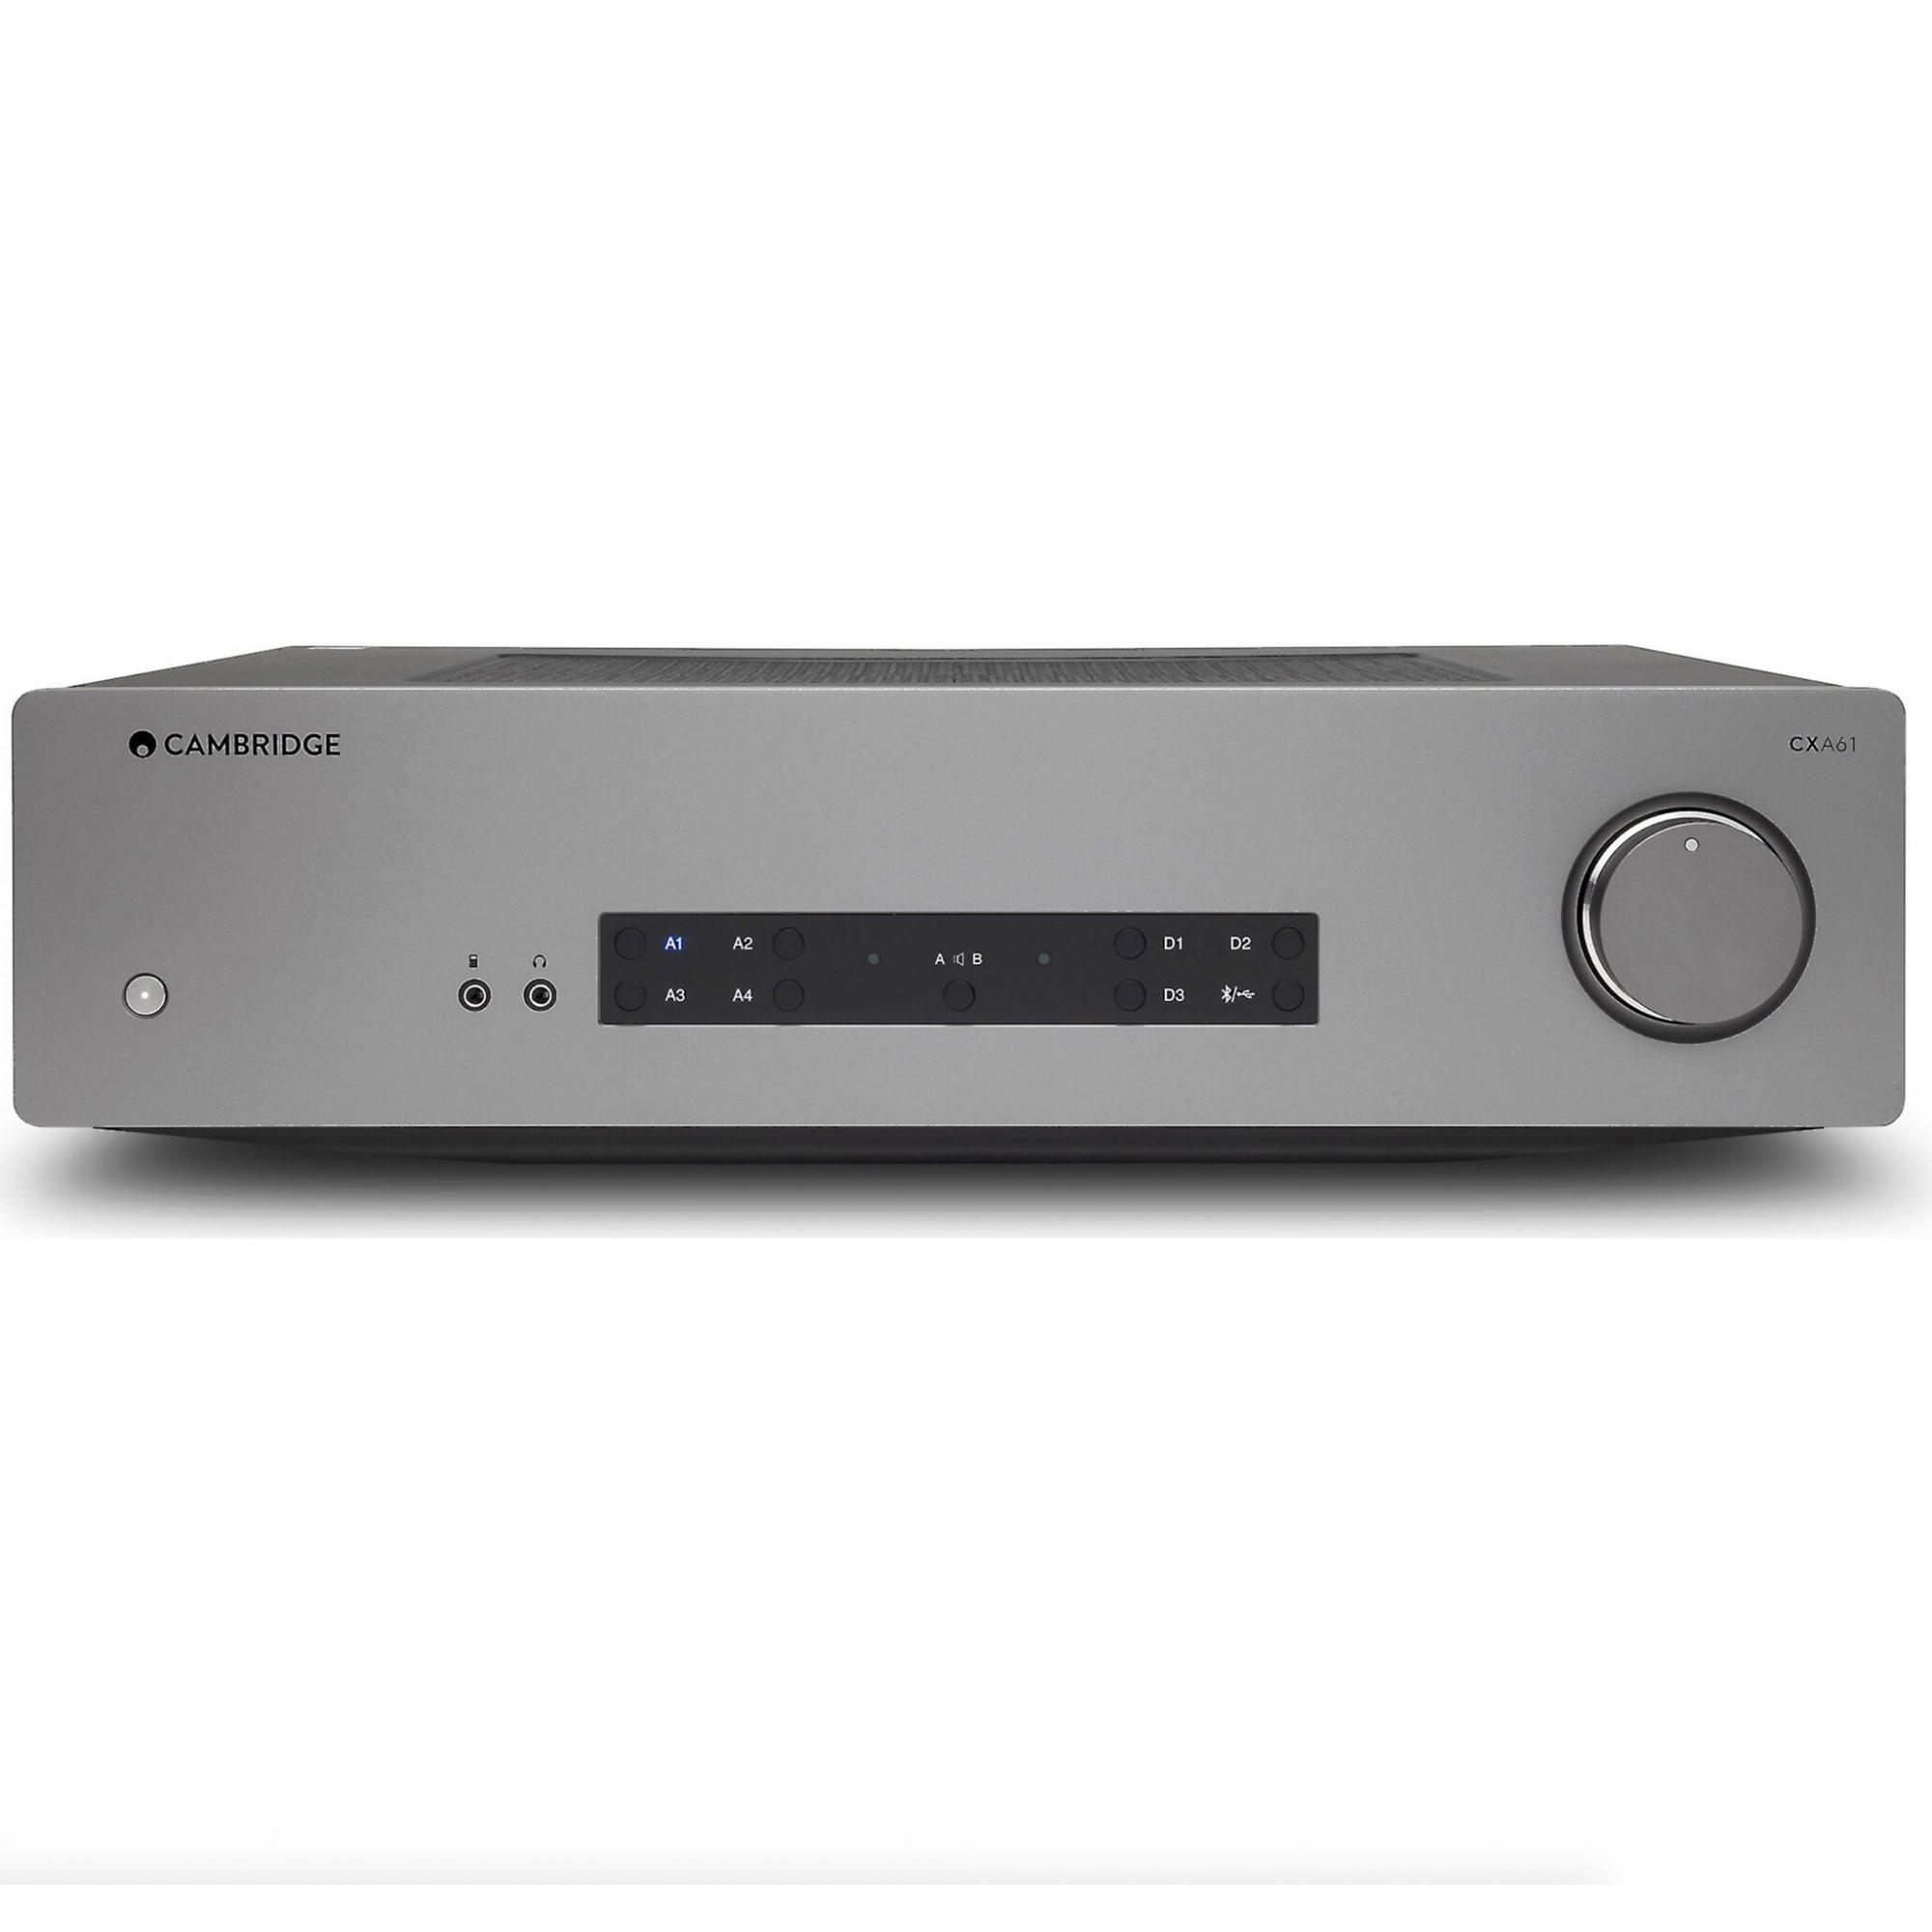 Cambridge Audio Cxa61 Aptx Hd Bluetooth Amplificador (Gray)